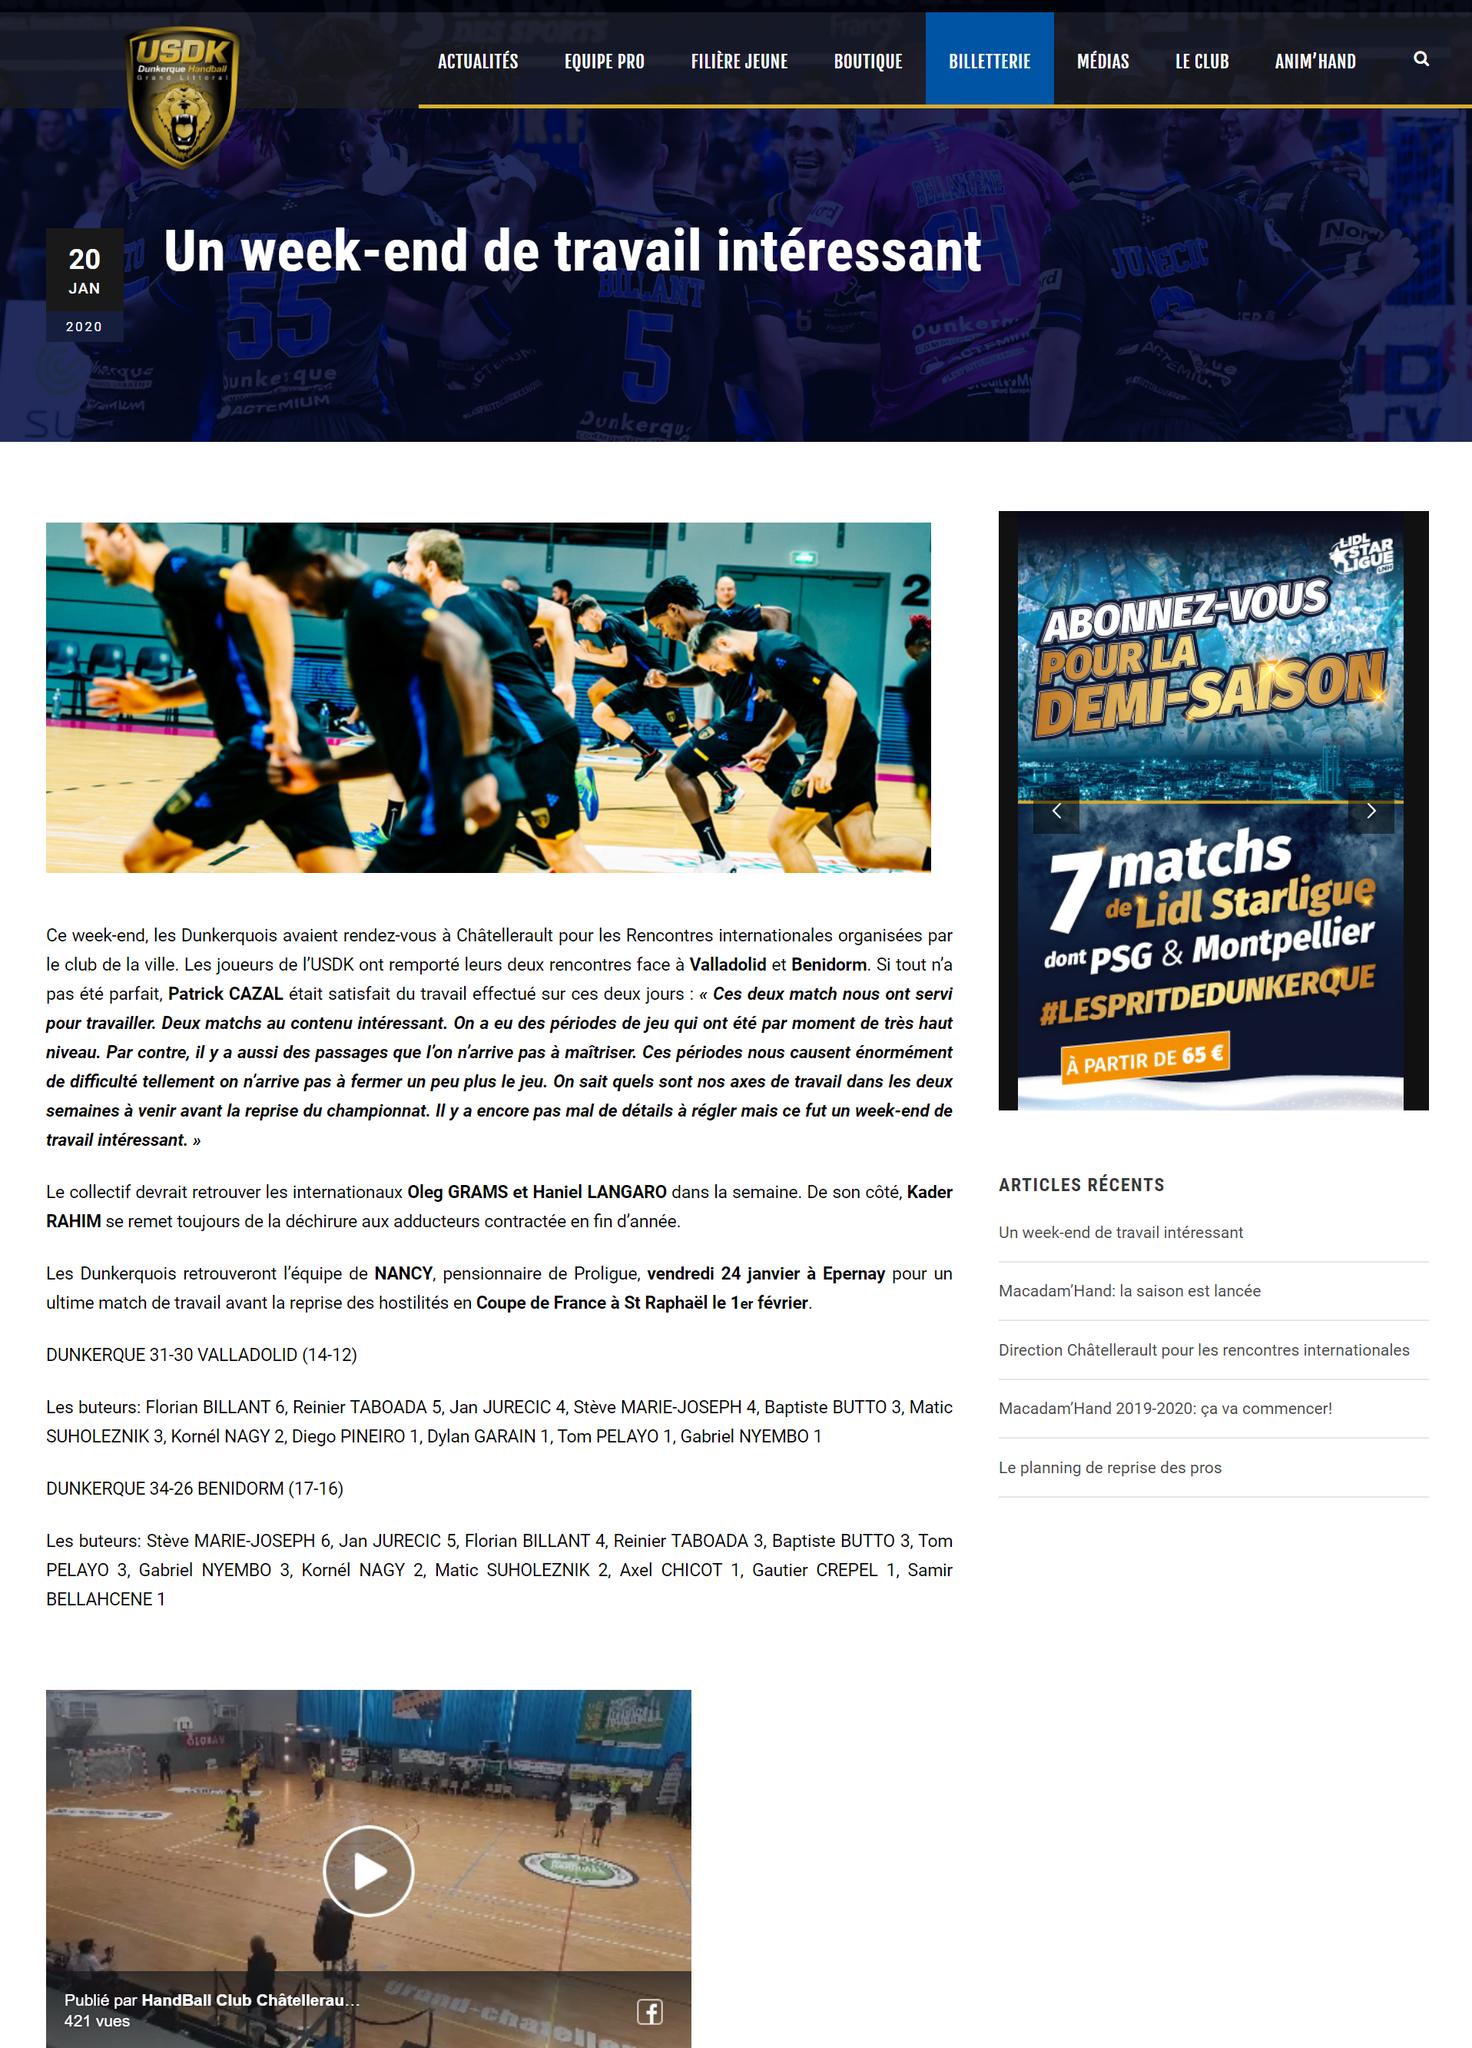 """Site officiel de l'USDK, """"Un week-end de travail intéressant"""", article du 20 janvier 2020"""